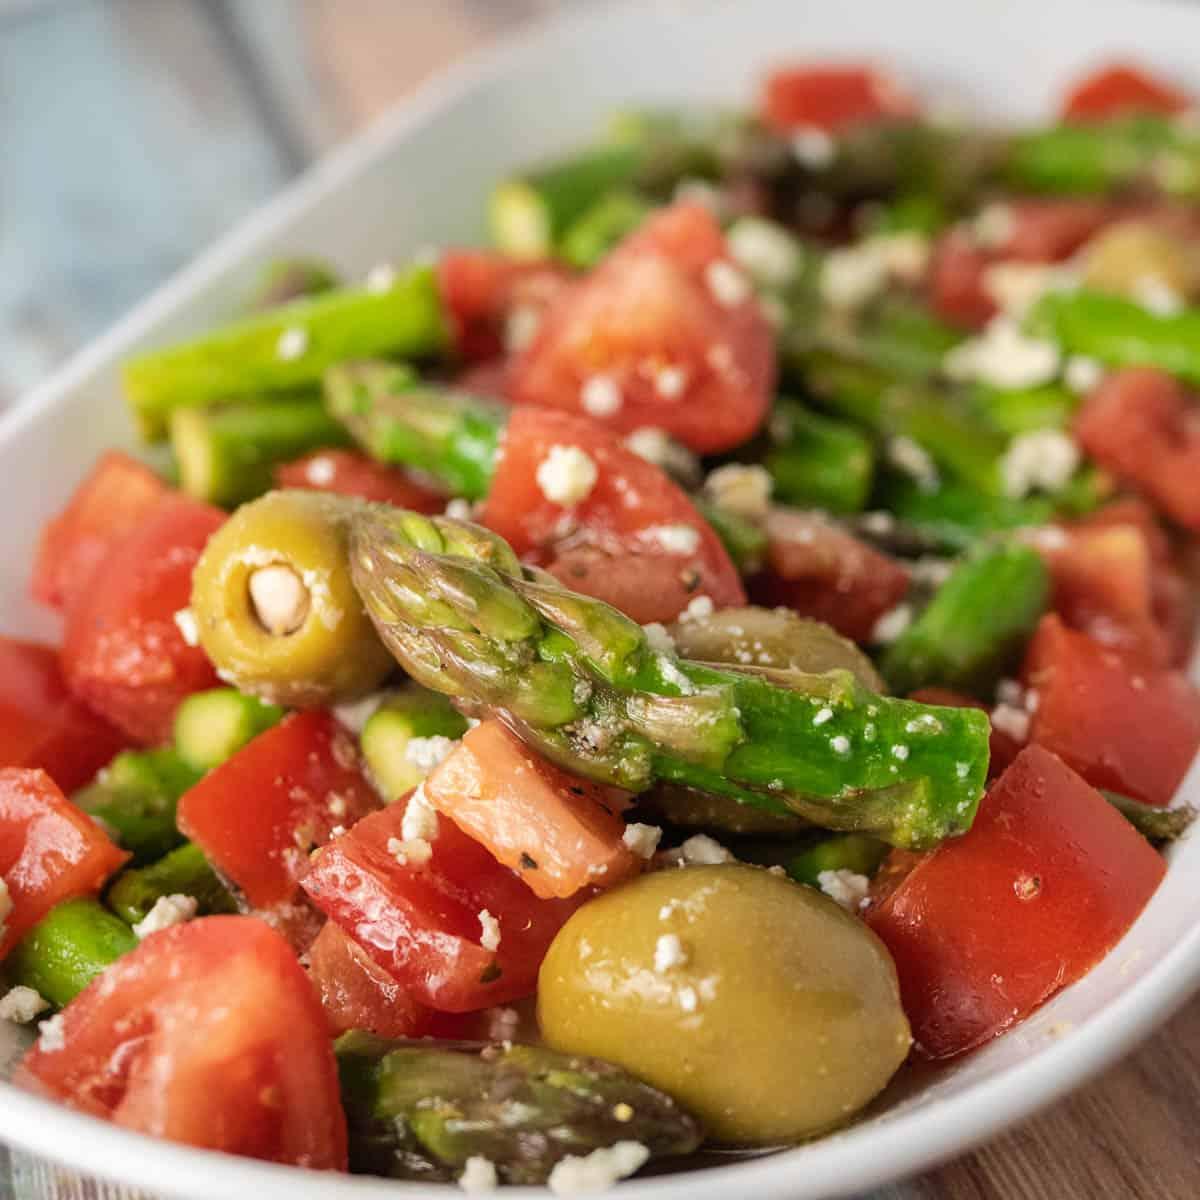 lemon asparagus salad close up featured